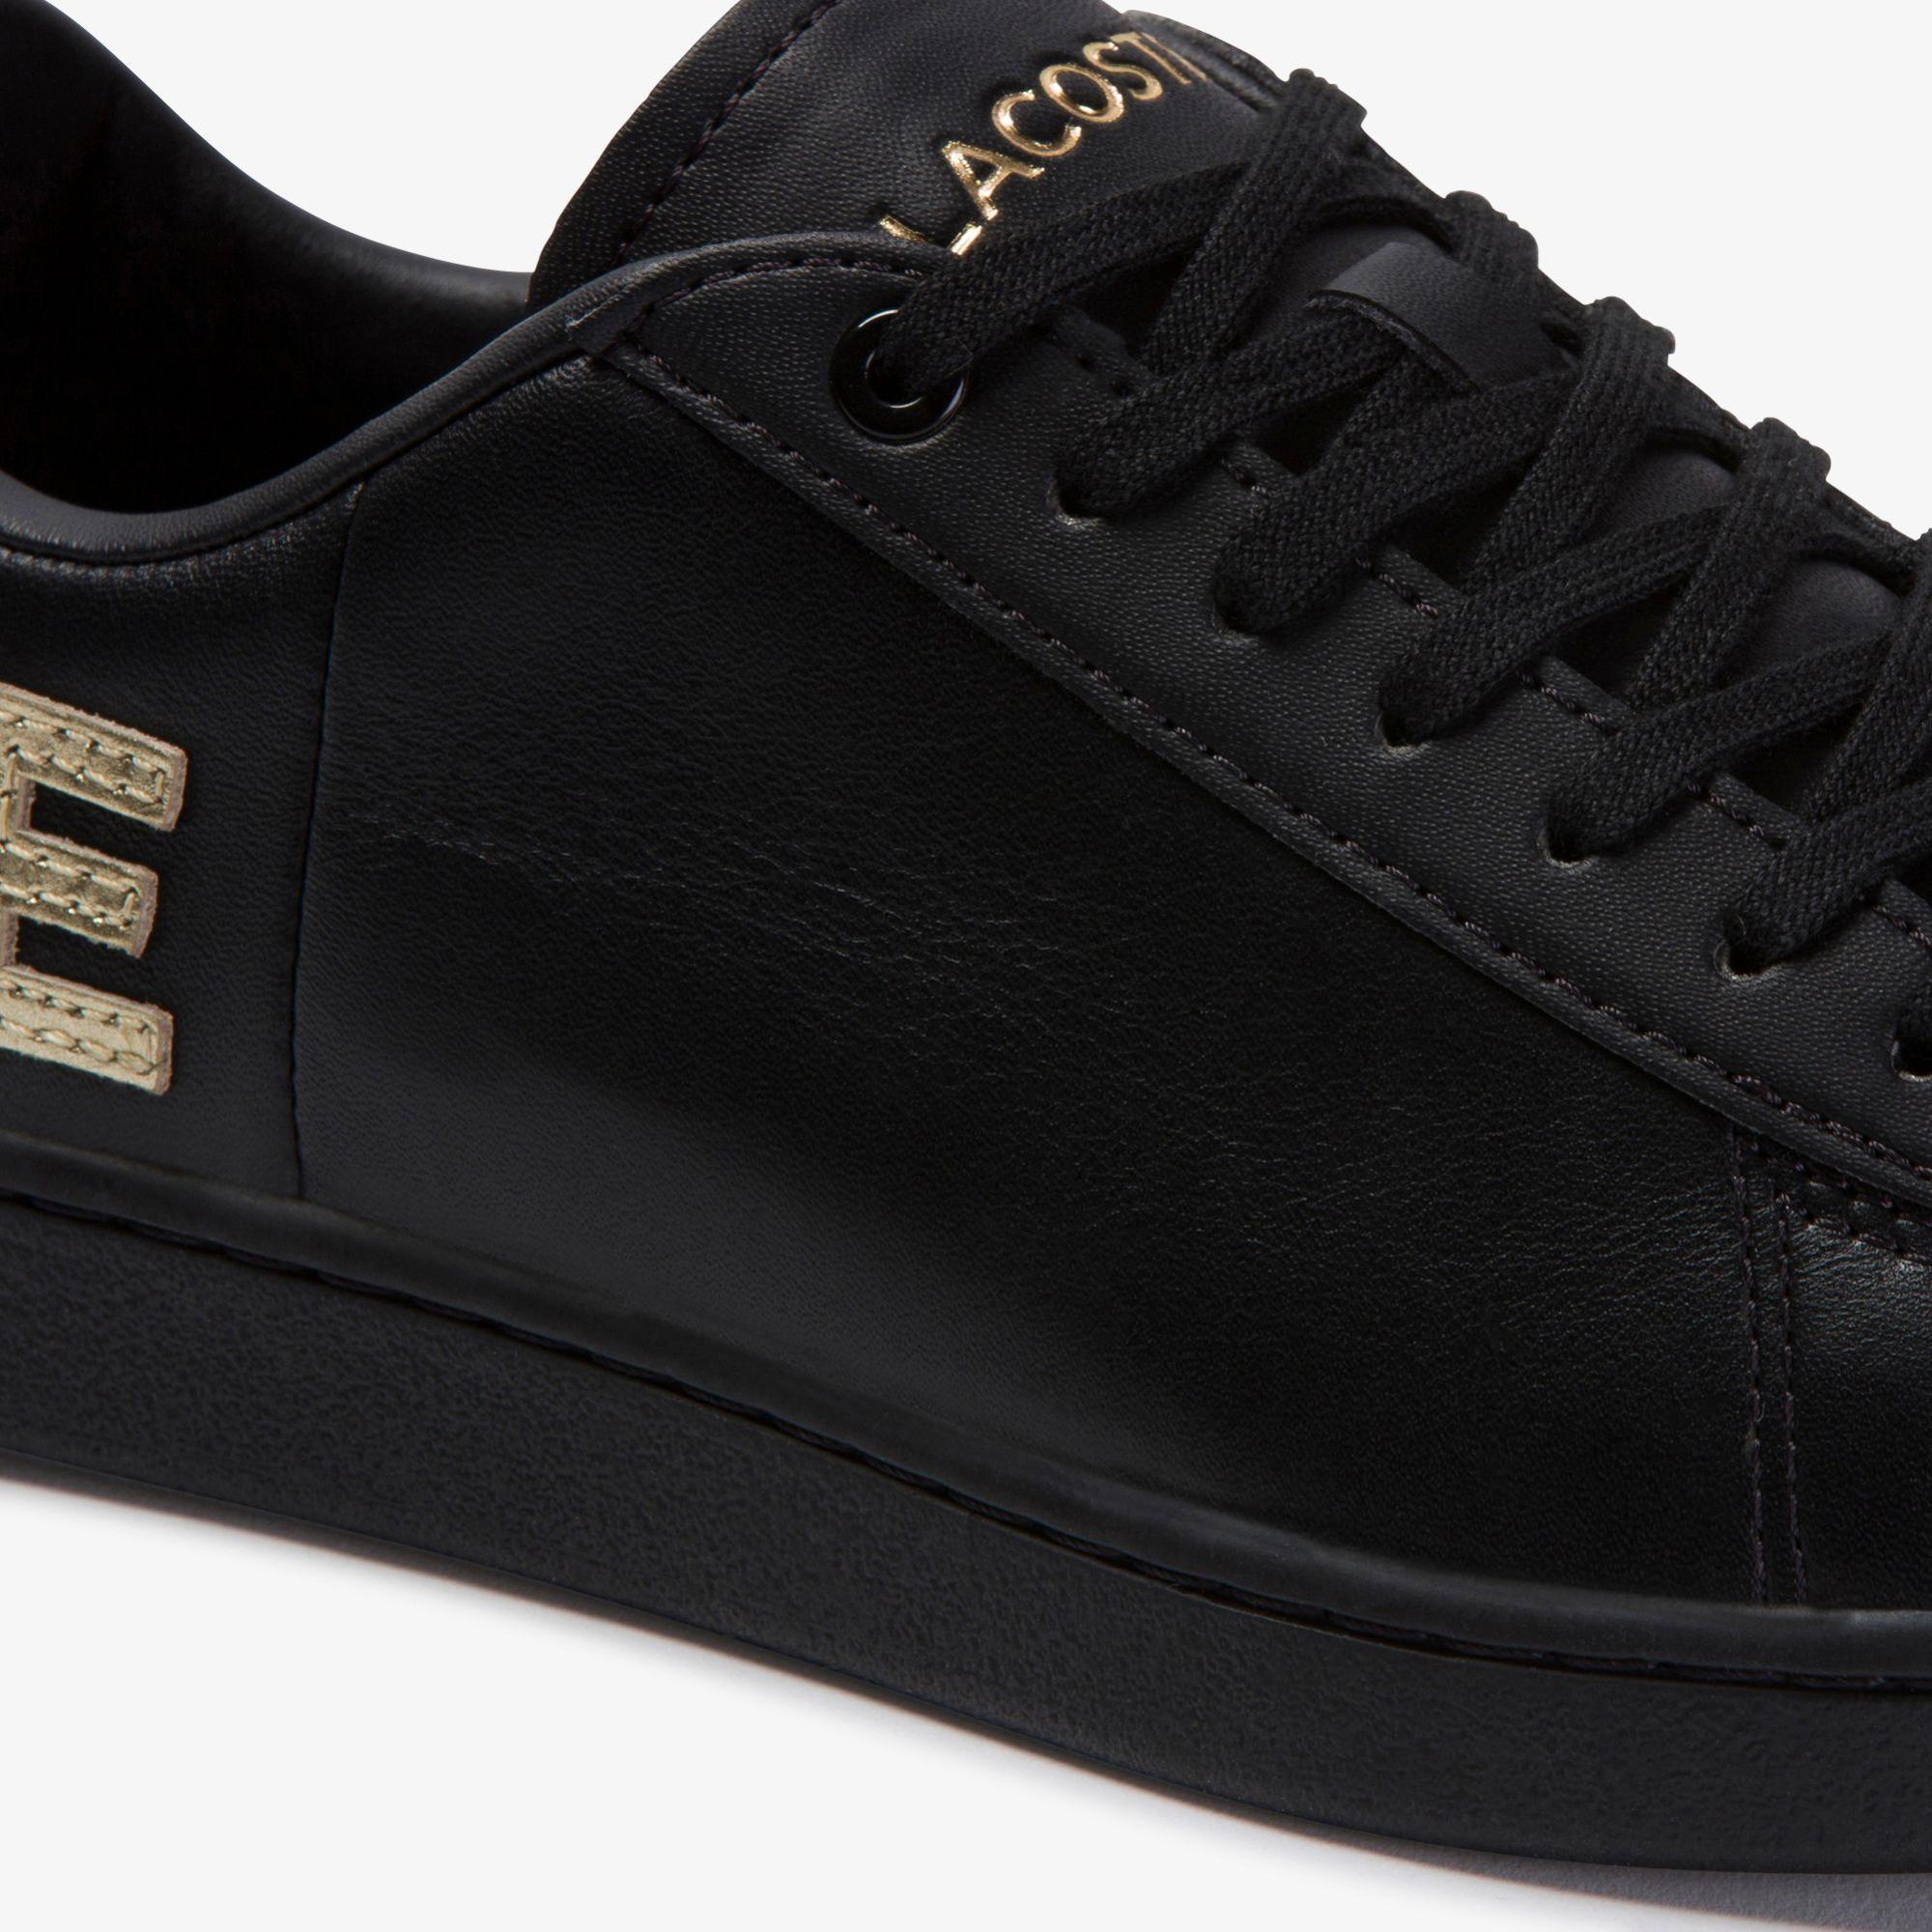 Lacoste Carnaby Evo 120 6 US Women's Sneakers